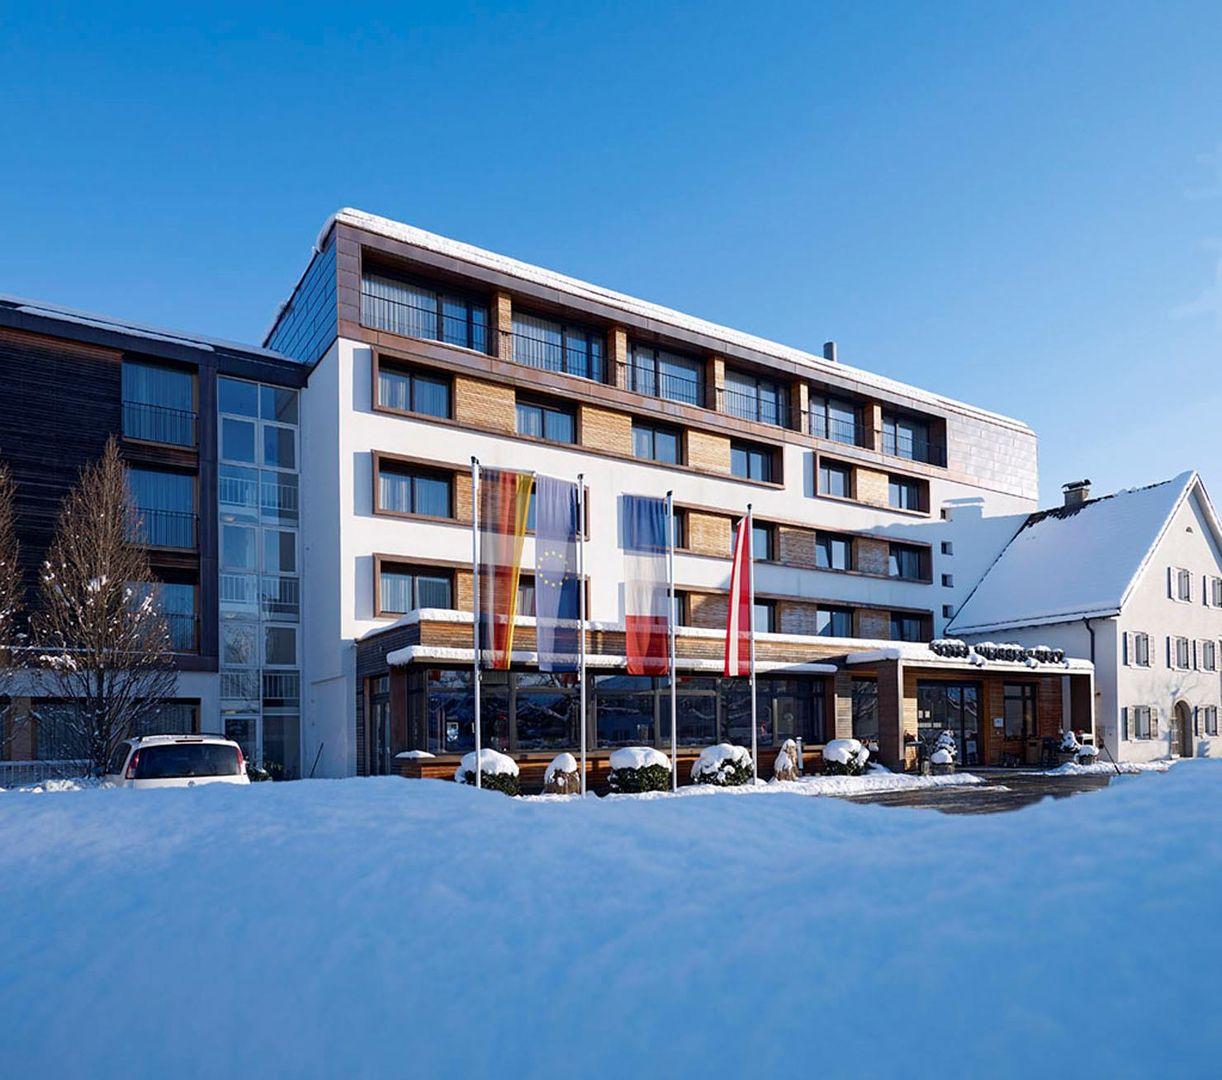 Meer info over Hotel Weisses Kreuz  bij Wintertrex